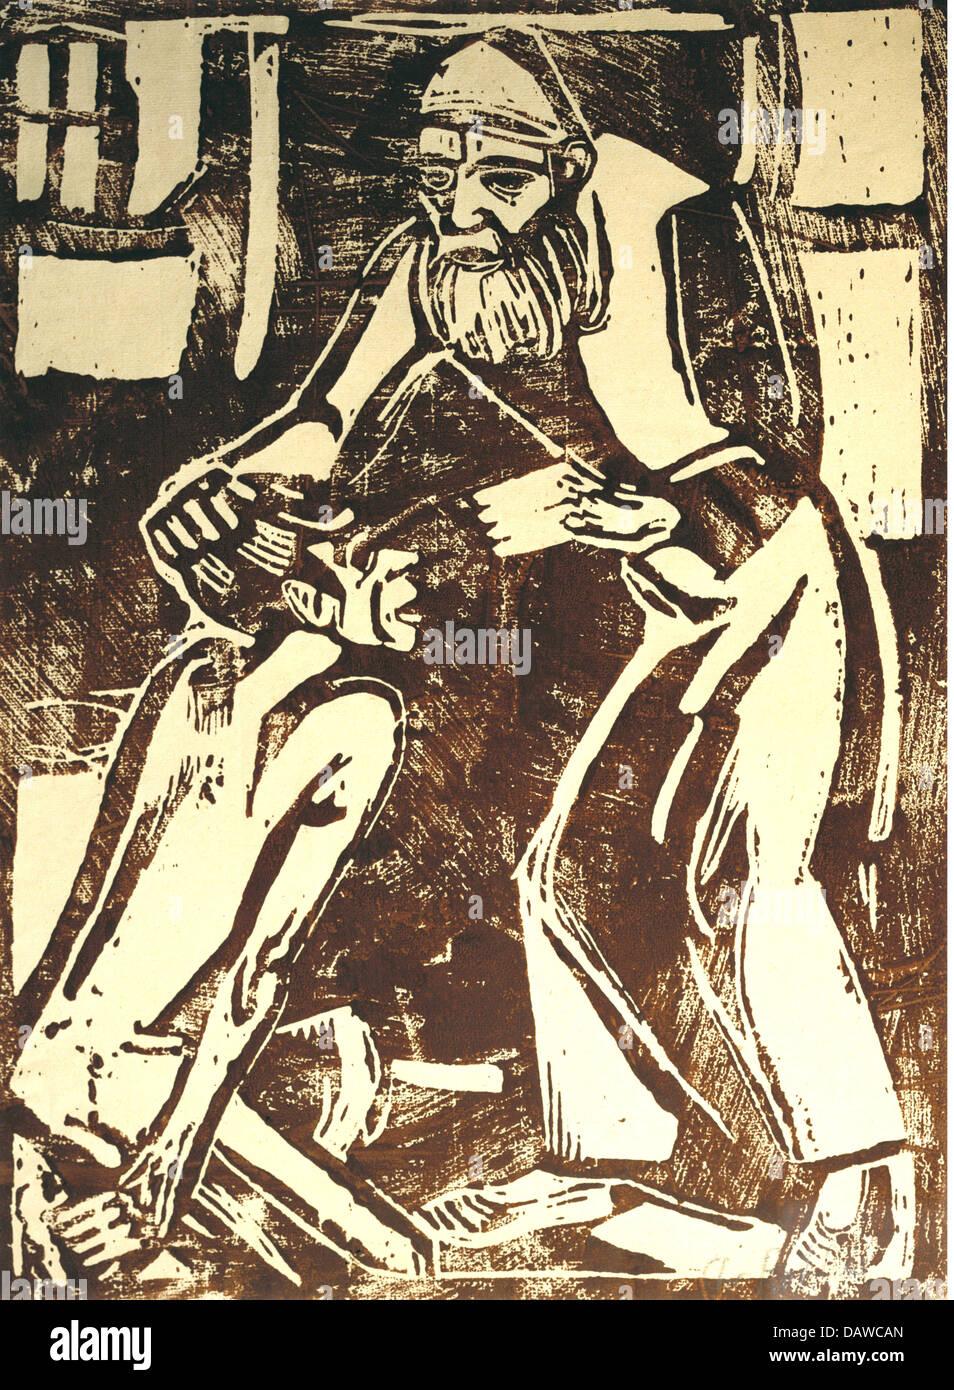 """Bildende Kunst, Rohlfs, Christian (1849-1938), Grafik, """"Rückkehr des verlorenen Sohnes"""", Holzschnitt, Stockbild"""